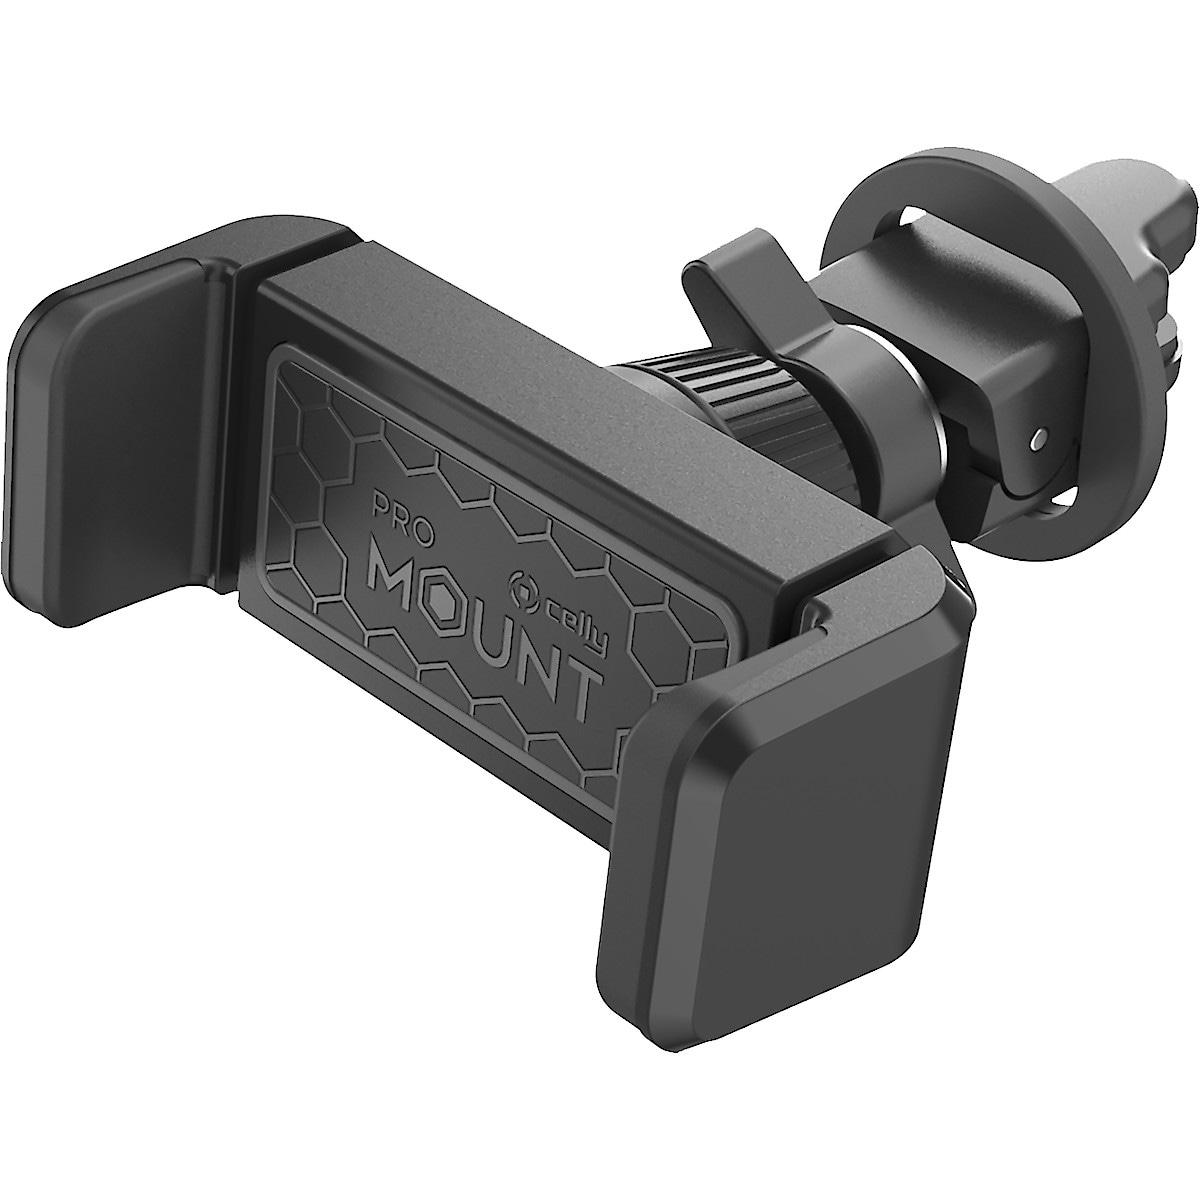 Mobilhållare med klämfäste för bil, Celly Mount Vent 360